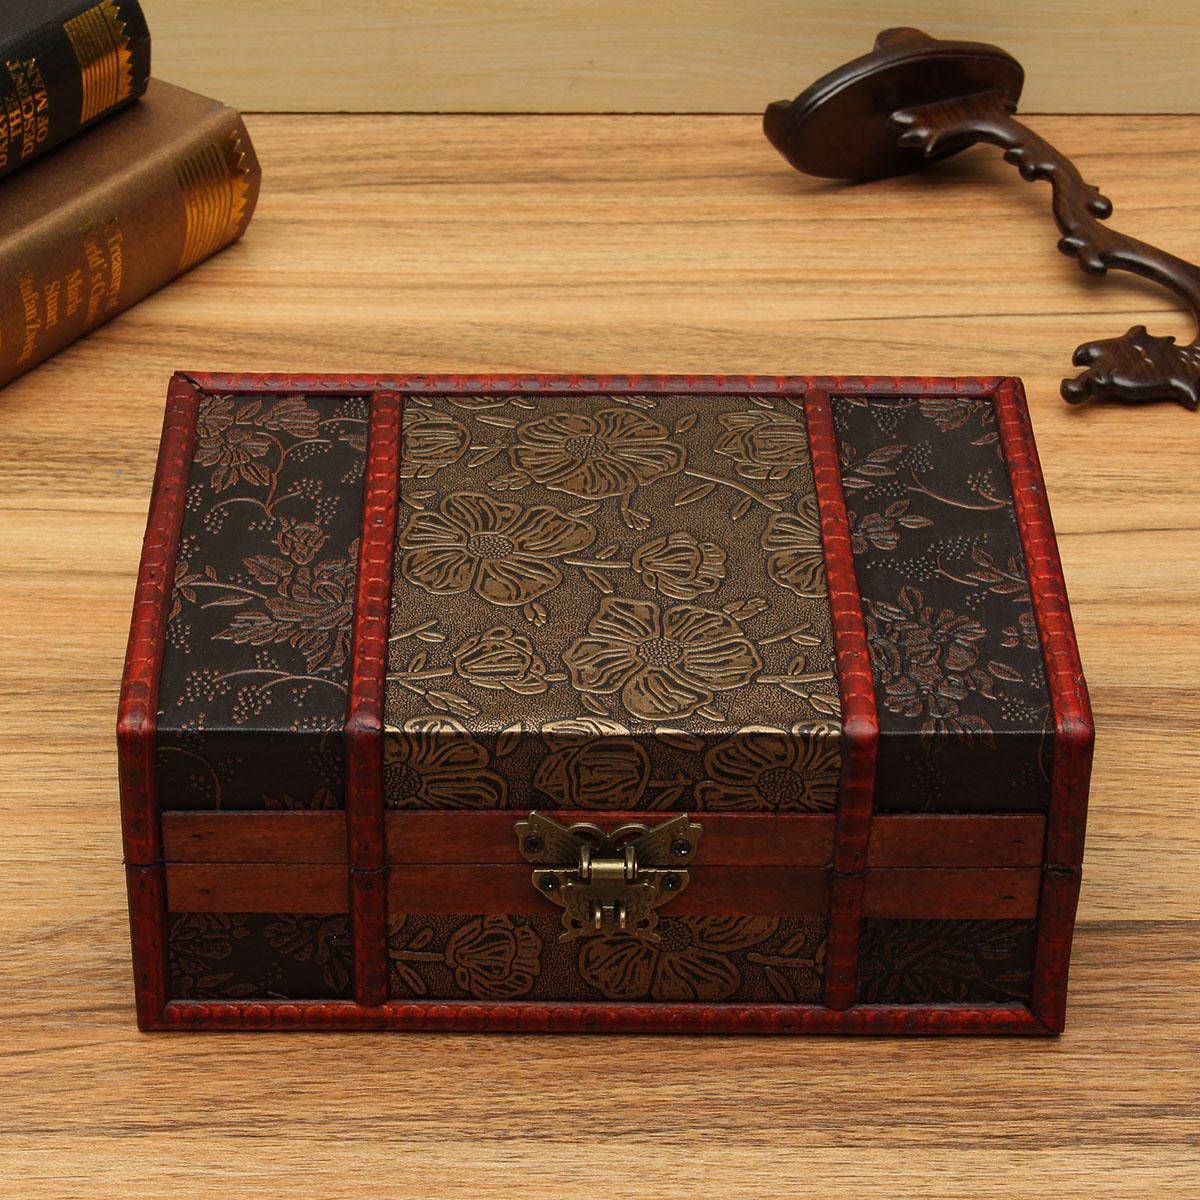 Vermelho vintage retro flor esculpida presente jóias de madeira coletar titular caixa de caixa